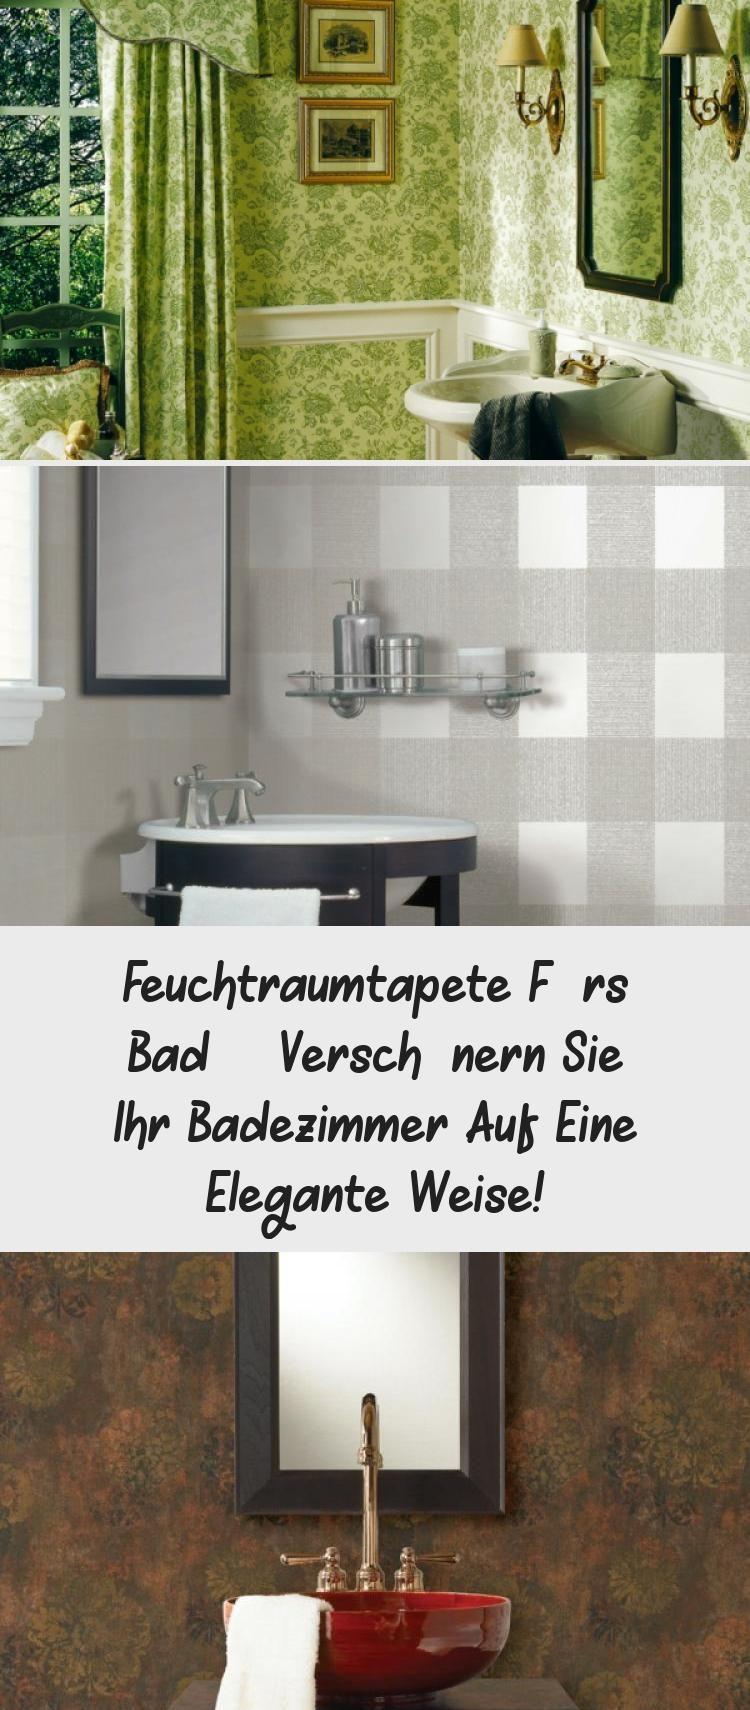 Feuchtraumtapete Furs Bad Verschonern Sie Ihr Badezimmer Auf